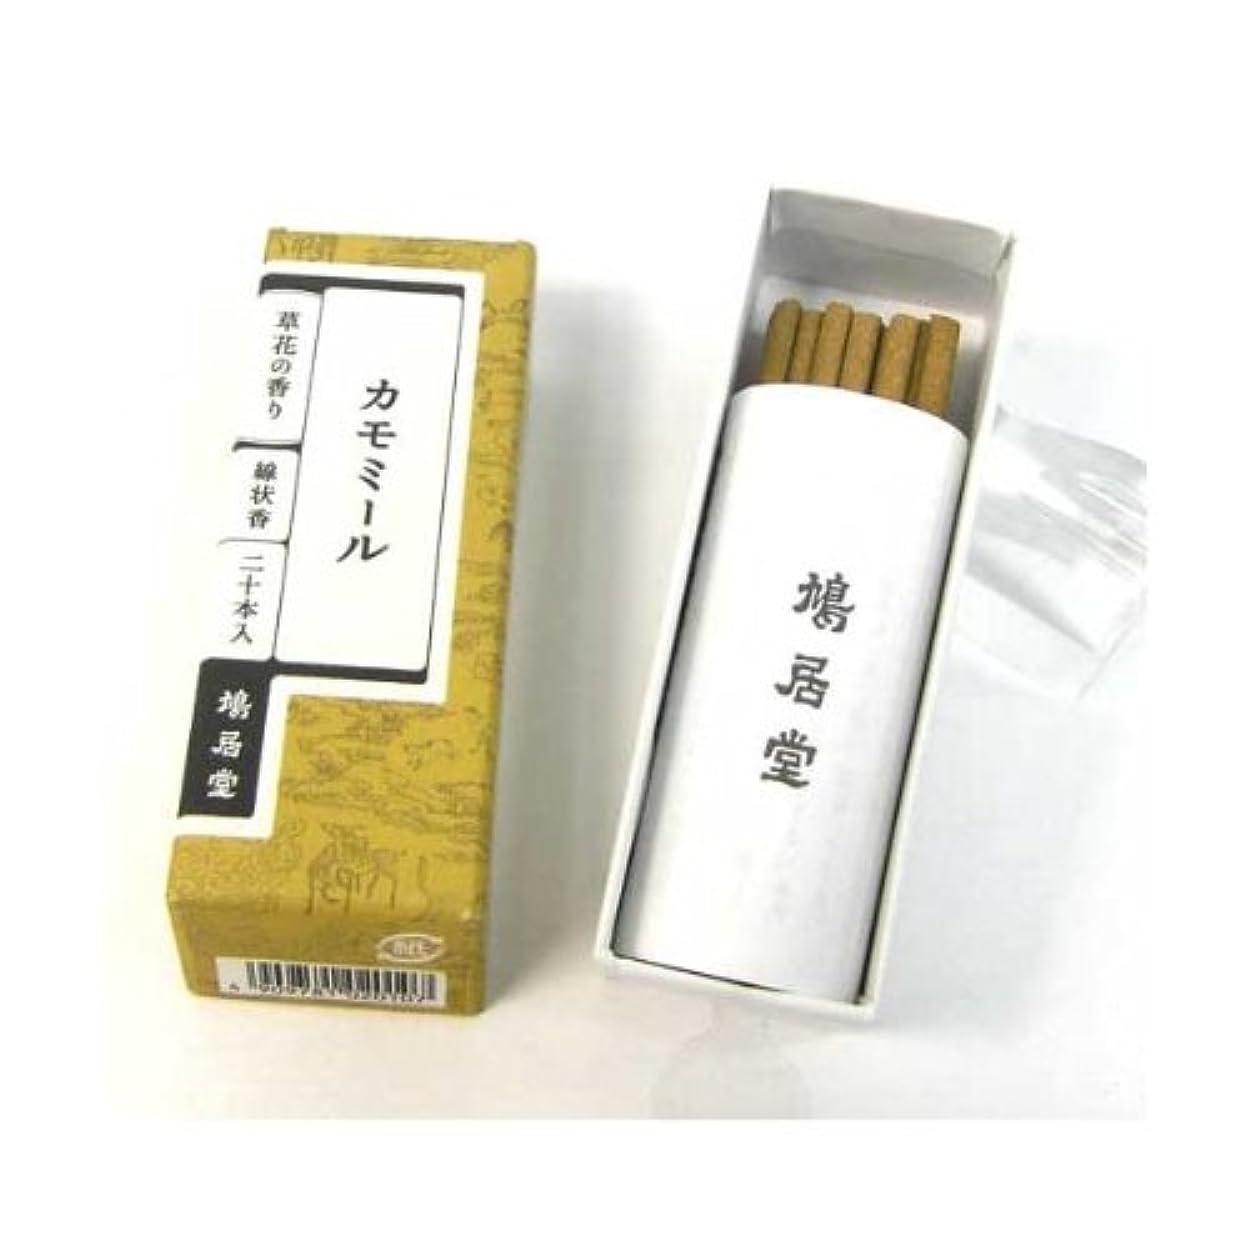 応援するサポート再び鳩居堂 お香 カモミール 草花の香りシリーズ スティックタイプ(棒状香)20本いり